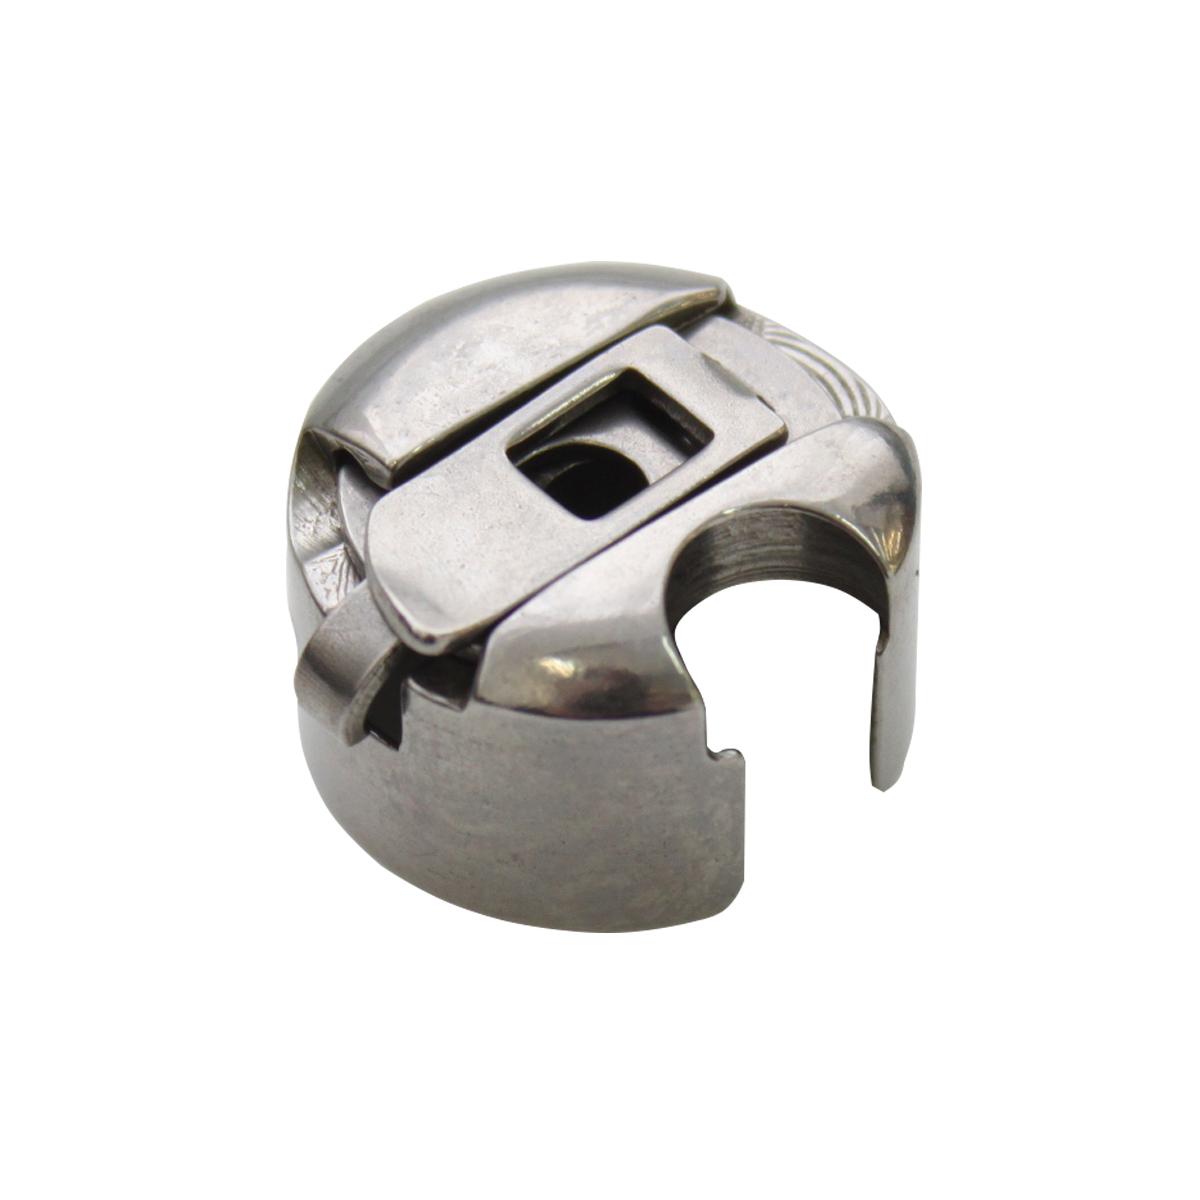 Шпульный колпачок Bestex DС DB-1 NBL611085Шпульный колпачок Bestex DС DB-1 NBL изготовлен из металла. Это шпульный колпачок для бытовых швейных машин.